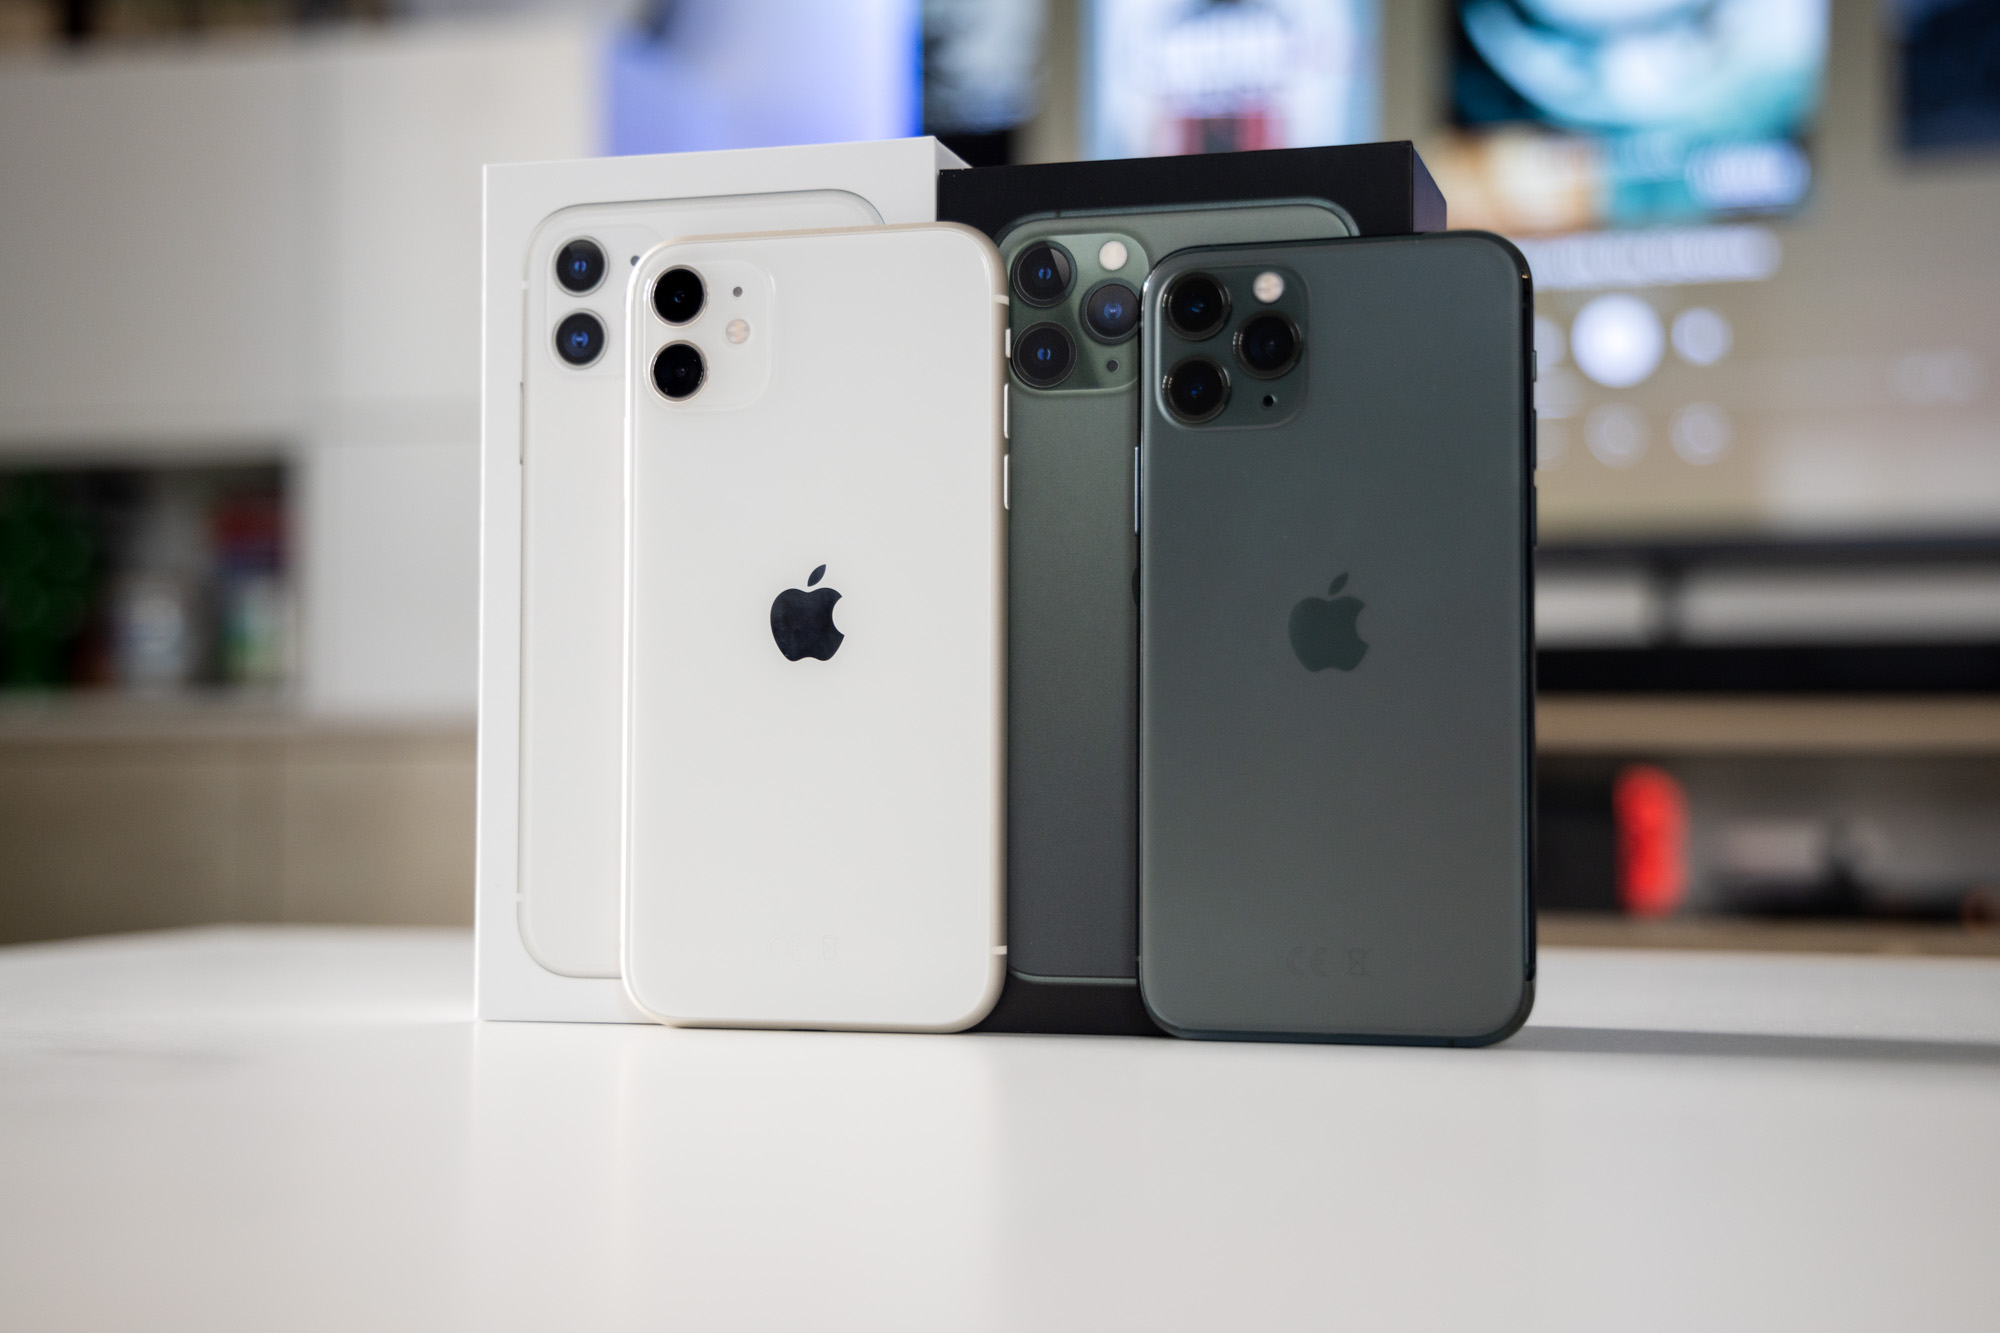 iphone-11-iphone-11-pro-iphone-11-pro-max-popsuty-ekran-wymiana-szklo-szybka-wyswietlacz-ile-kosztuje-cena